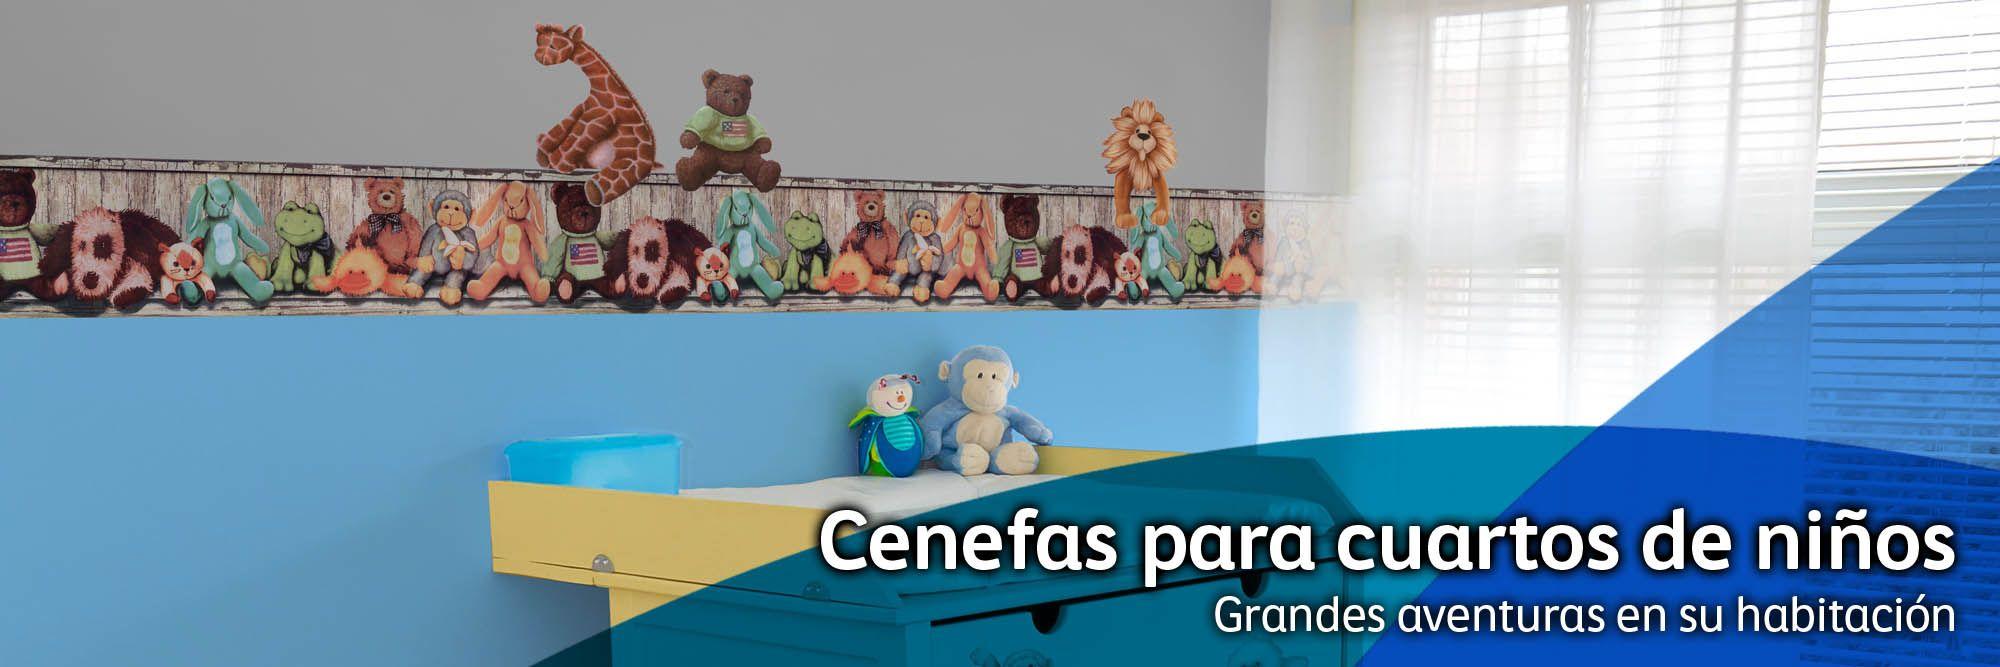 Cenefas para cuartos de niños | Places to Visit | Pinterest